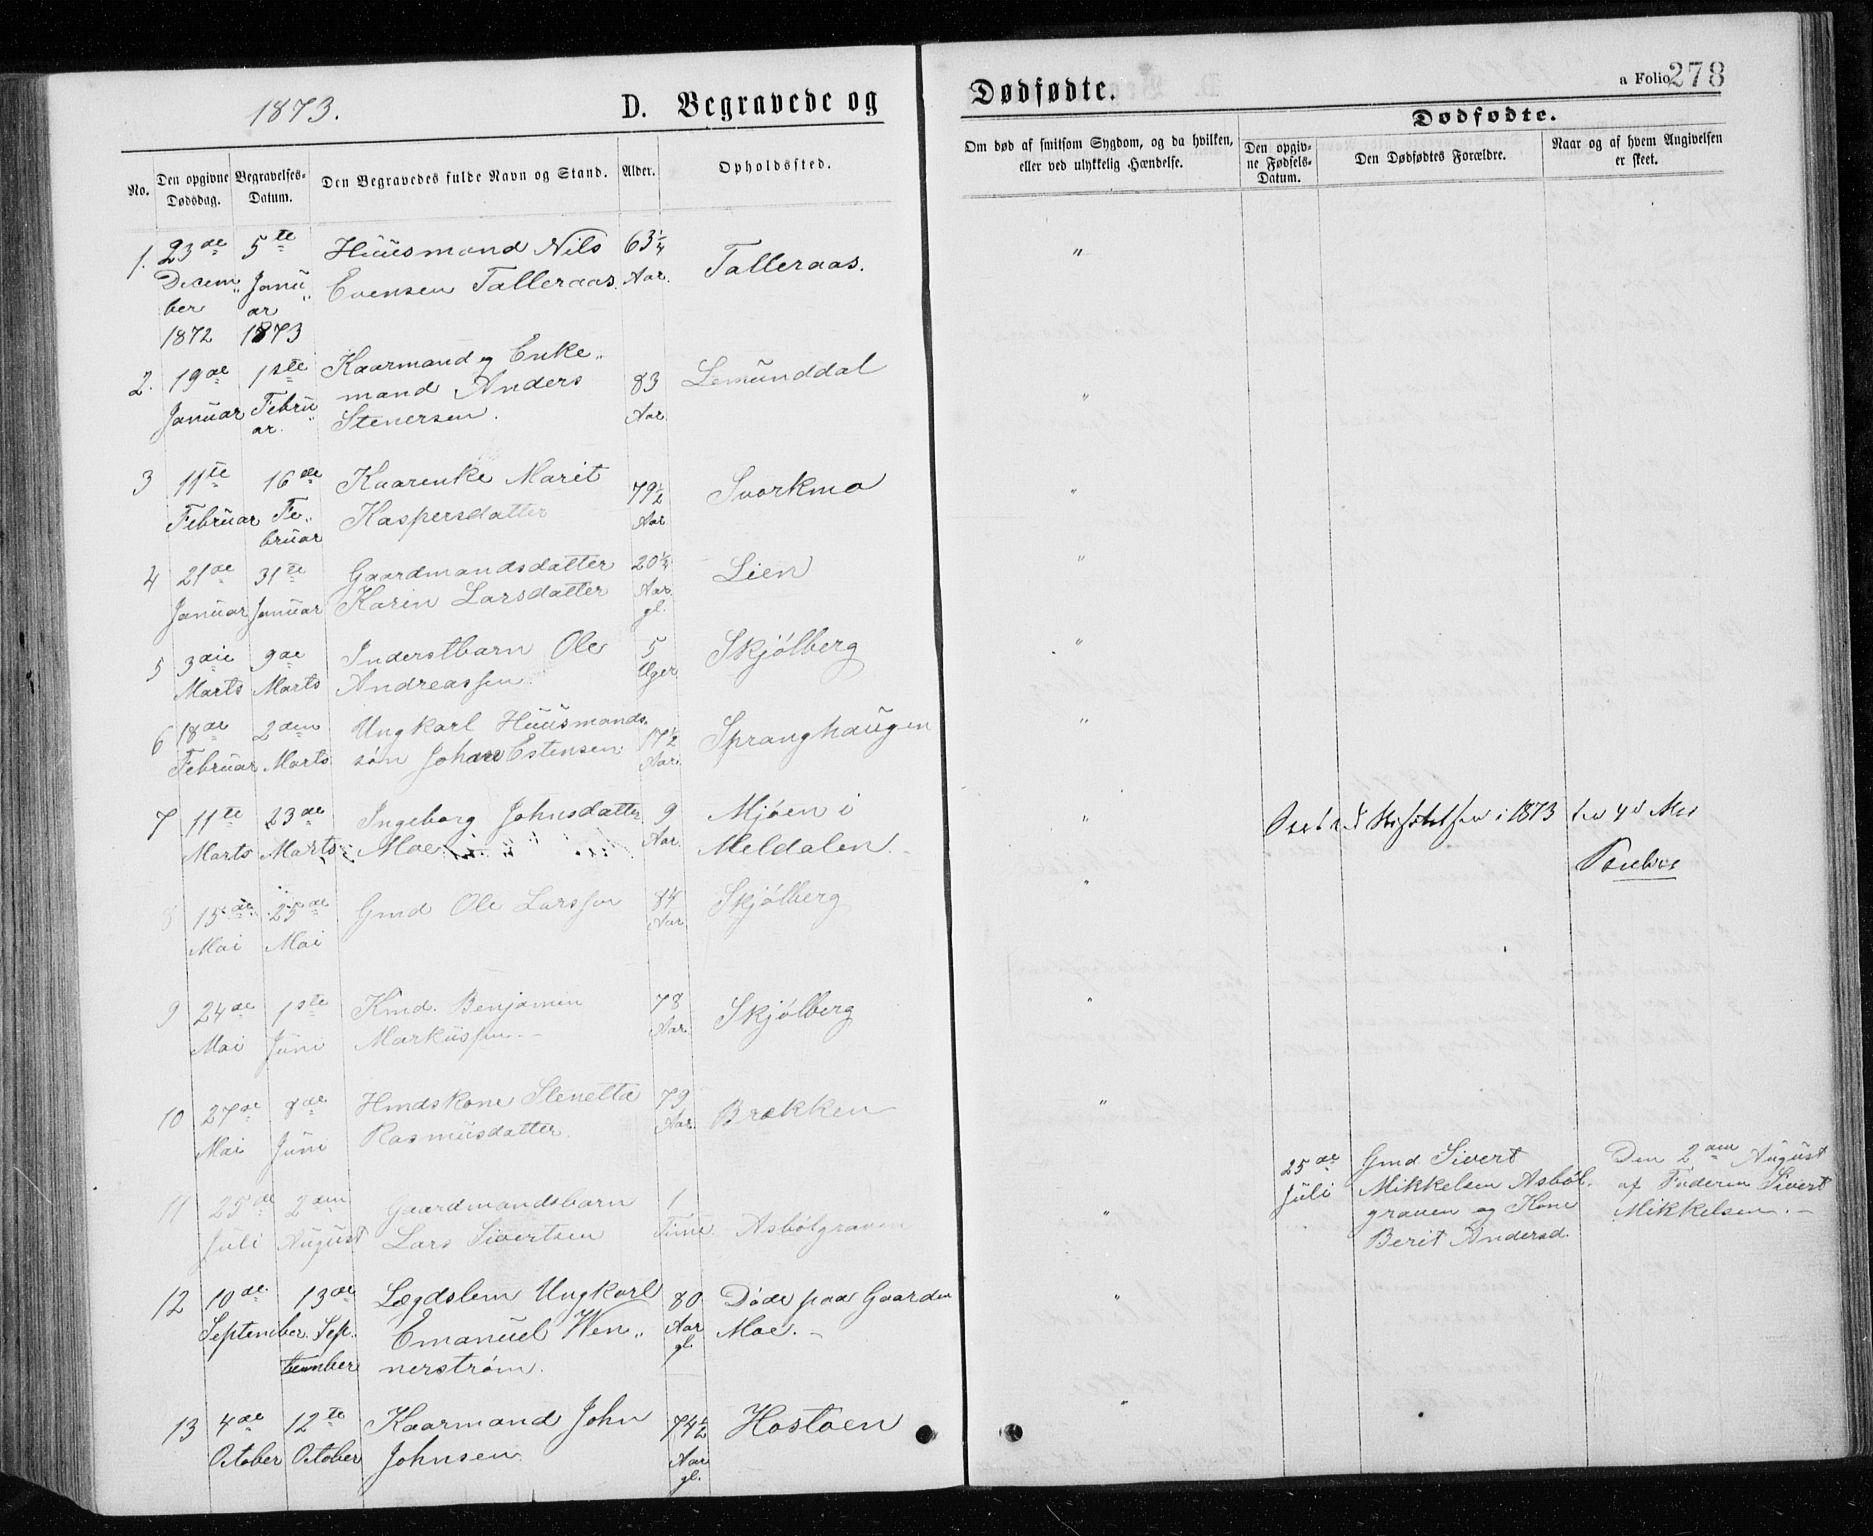 SAT, Ministerialprotokoller, klokkerbøker og fødselsregistre - Sør-Trøndelag, 671/L0843: Klokkerbok nr. 671C02, 1873-1892, s. 278